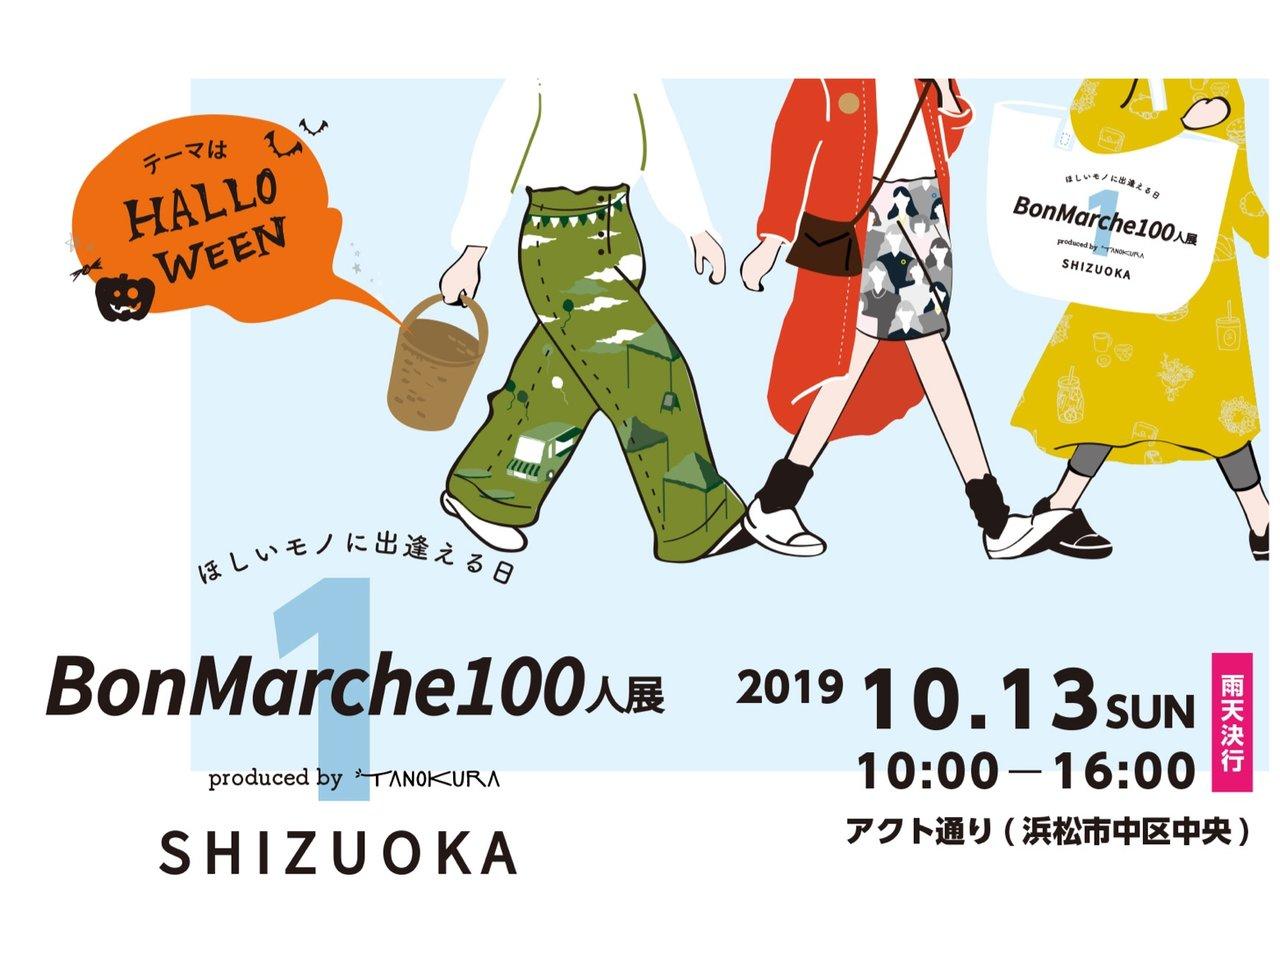 雑貨や人気カフェごはんが100店集まる静岡のハロウィンマルシェ!